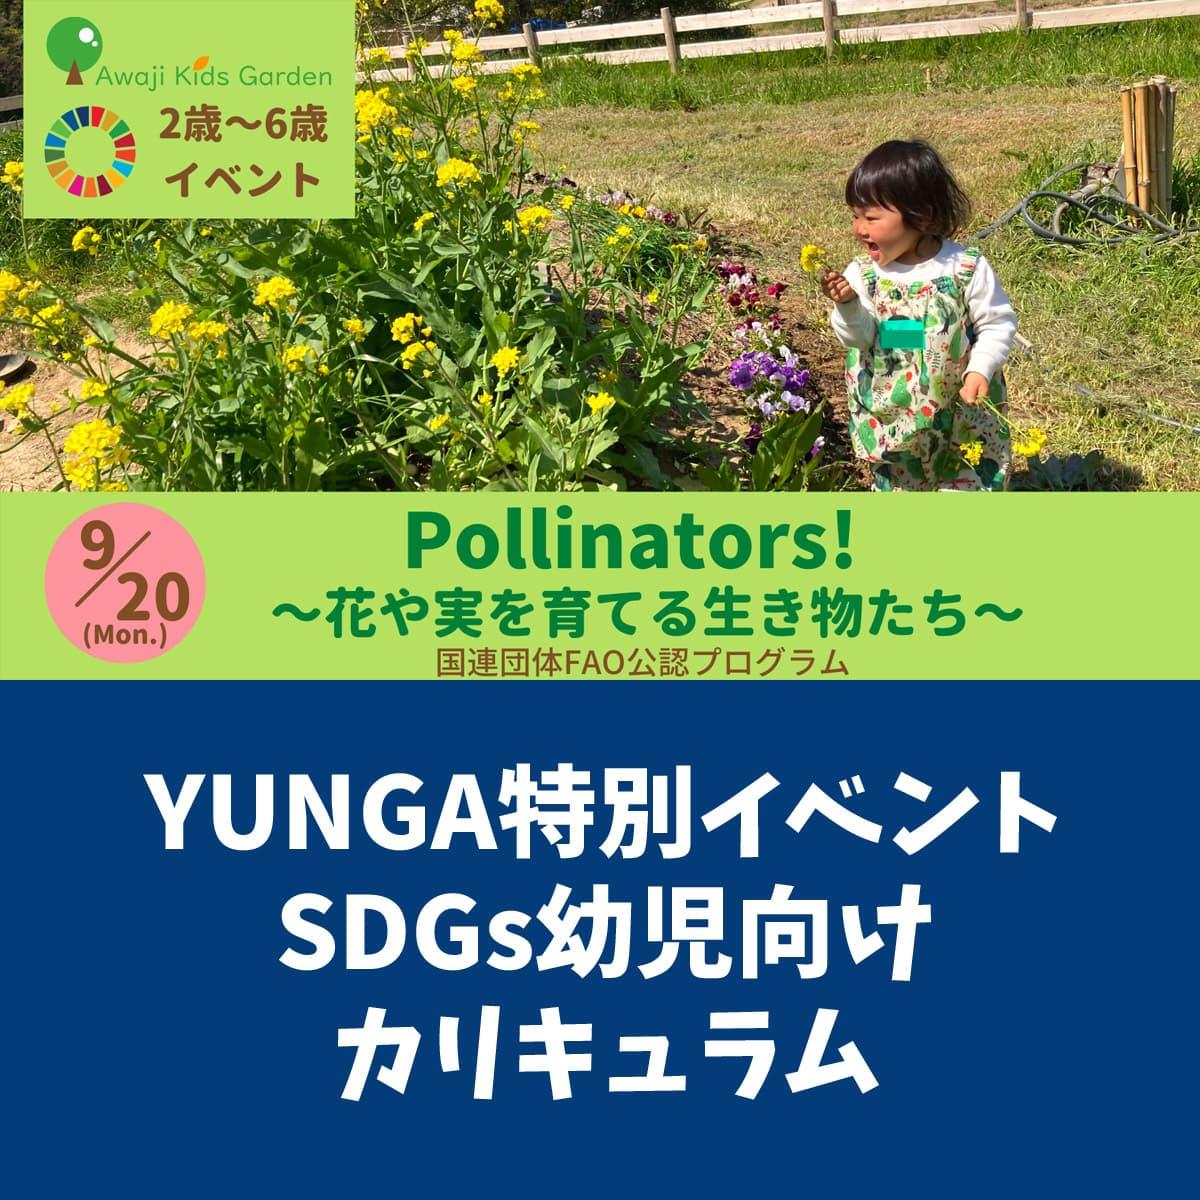 YUNGA特別イベント「Pollinators」Awaji Kids Garden